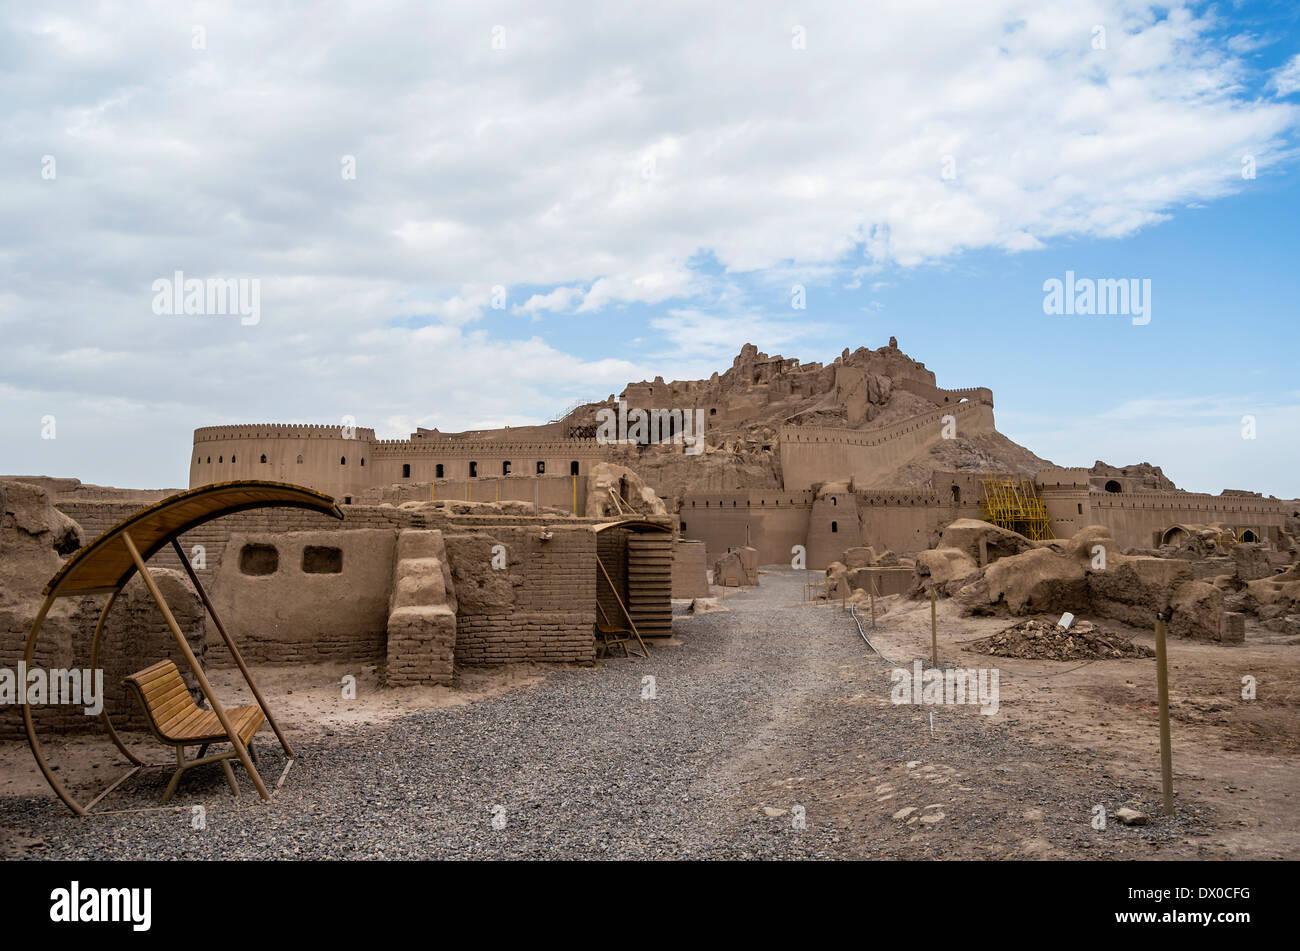 Arg-e Bam in Iran - Stock Image